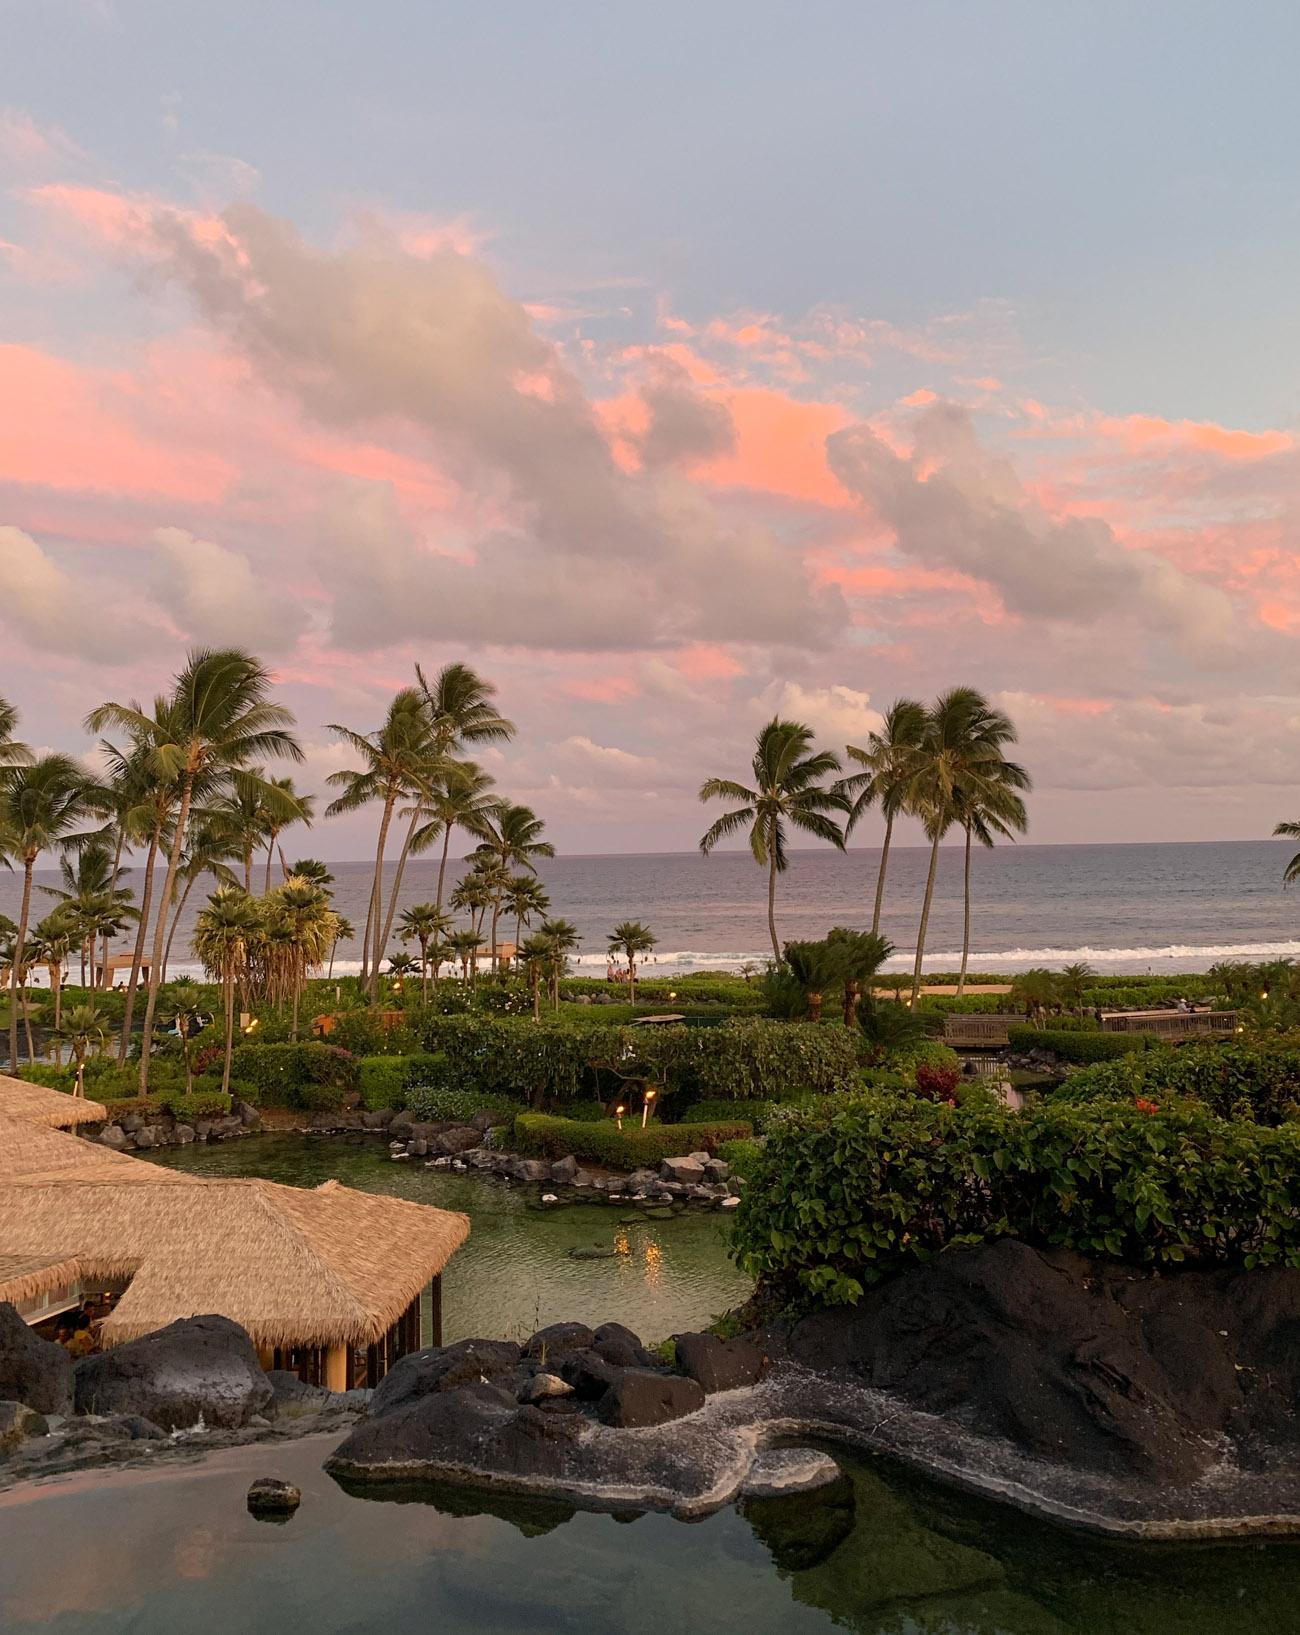 Sunset in Kauai at the Grand Hyatt Resort & Spa in Kauai